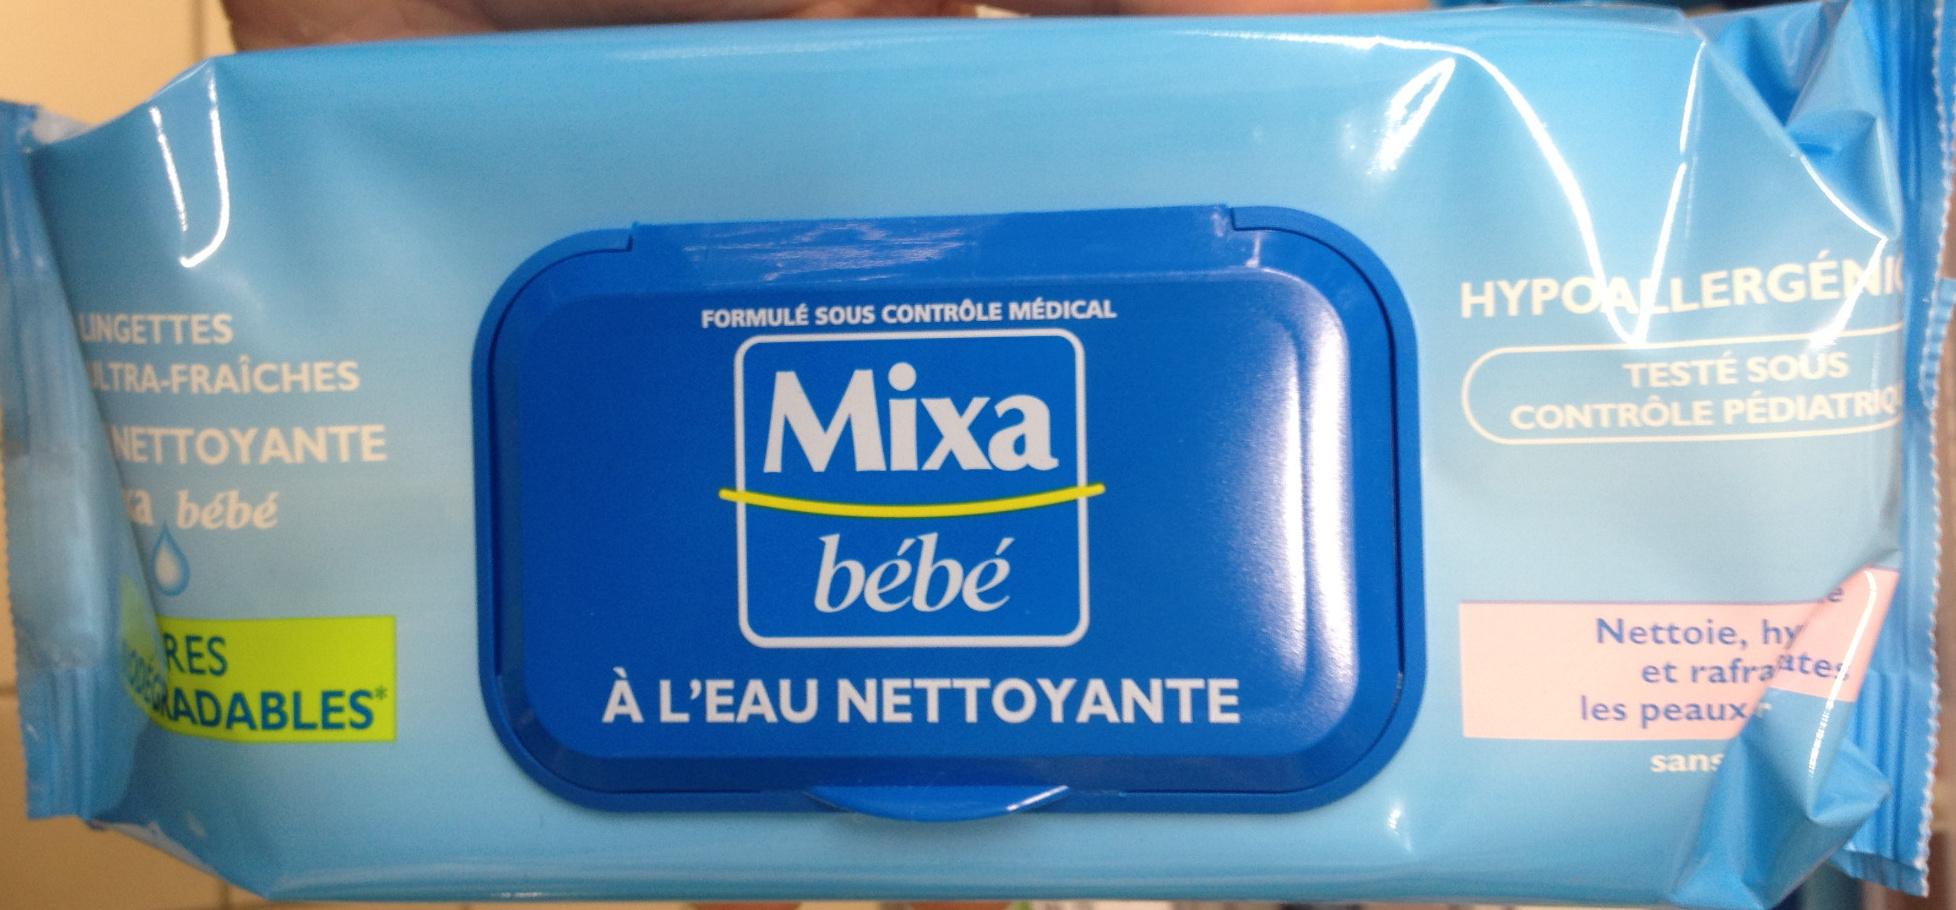 Lingettes ultra-fraîches à l'eau nettoyante - Produit - fr